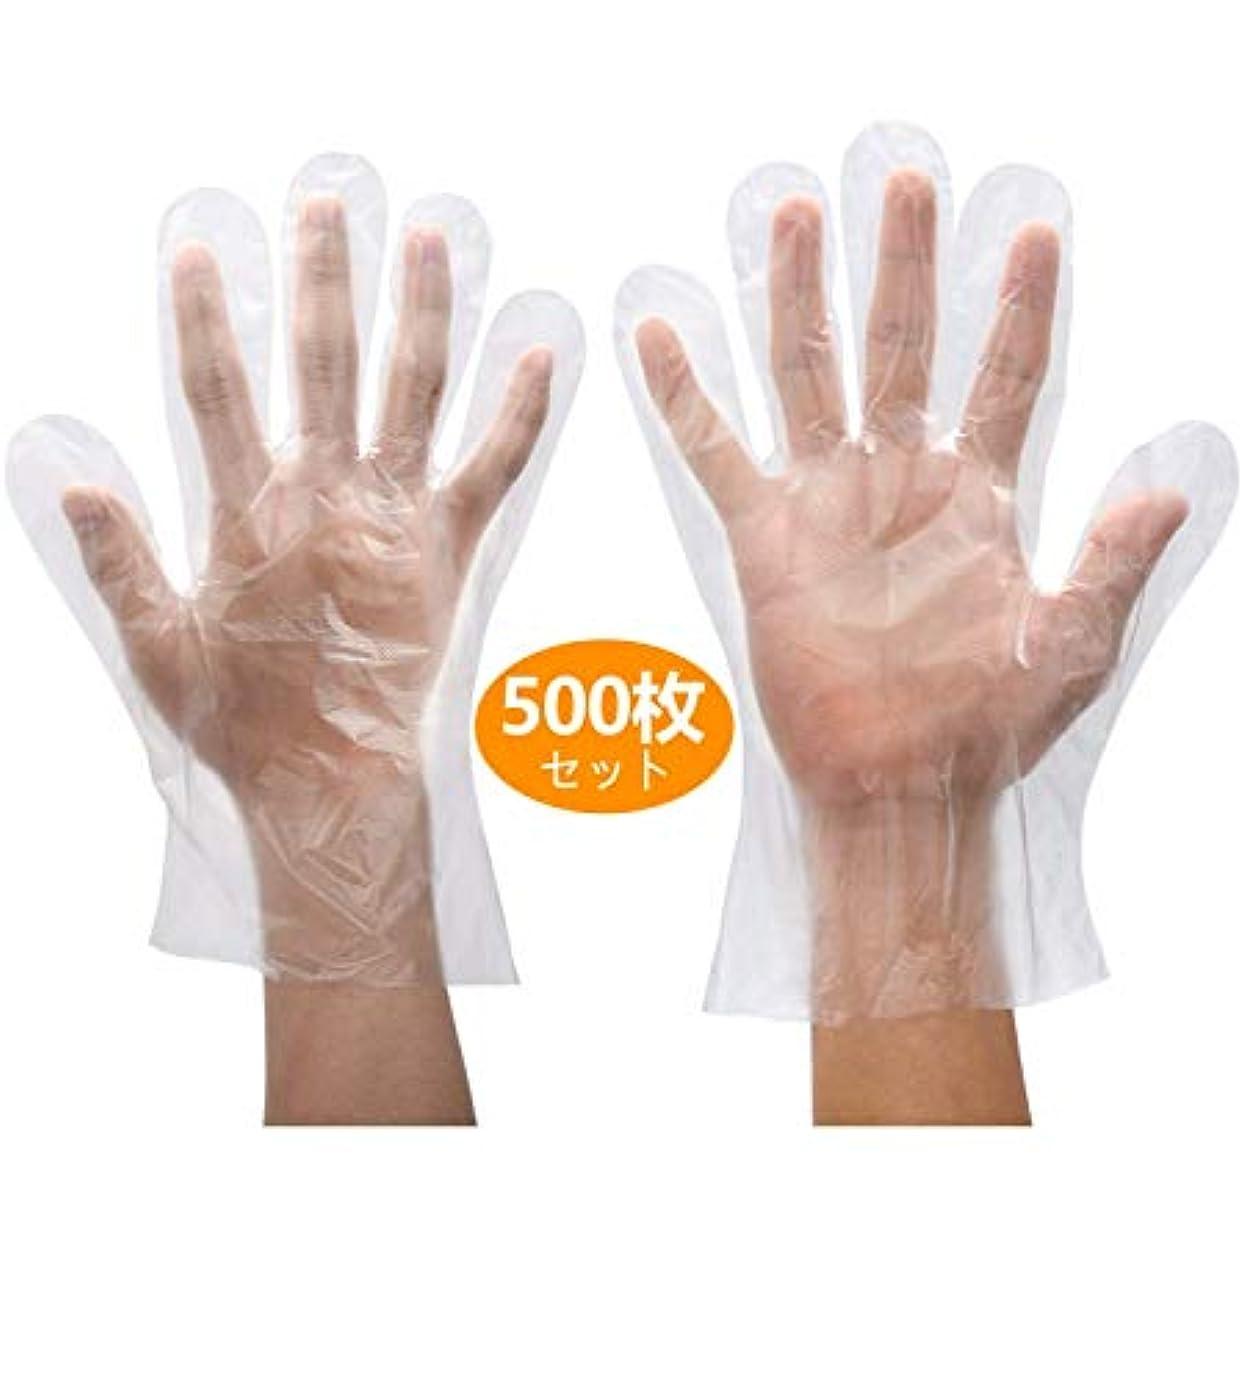 ロールお香ネブ使い捨て手袋 500枚セット ポリエチレン手袋 極薄ビニール手袋 透明 実用 使いきり手袋 極薄手袋 disposable gloves 極うす手 食品衛生法適合